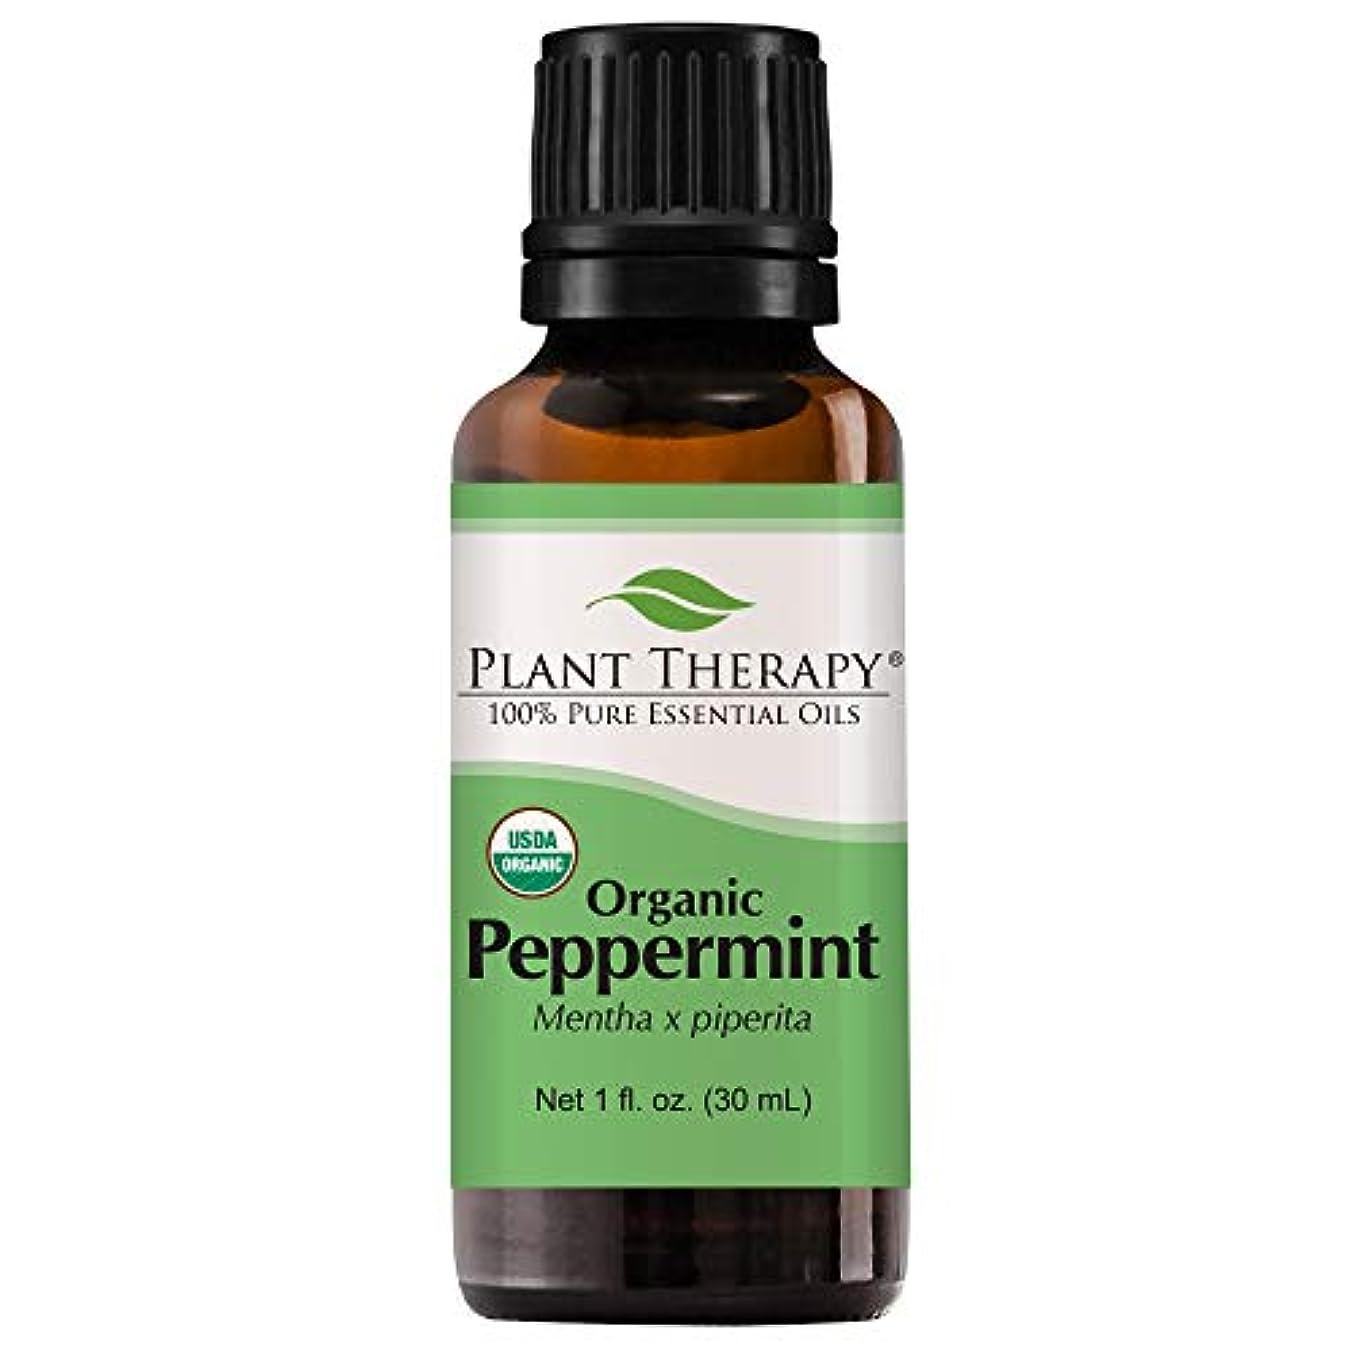 作り神経障害プール植物セラピーUSDA認定オーガニックペパーミントエッセンシャルオイル。 100%ピュア、希釈していない、治療グレード。 30mLの(1オンス)。